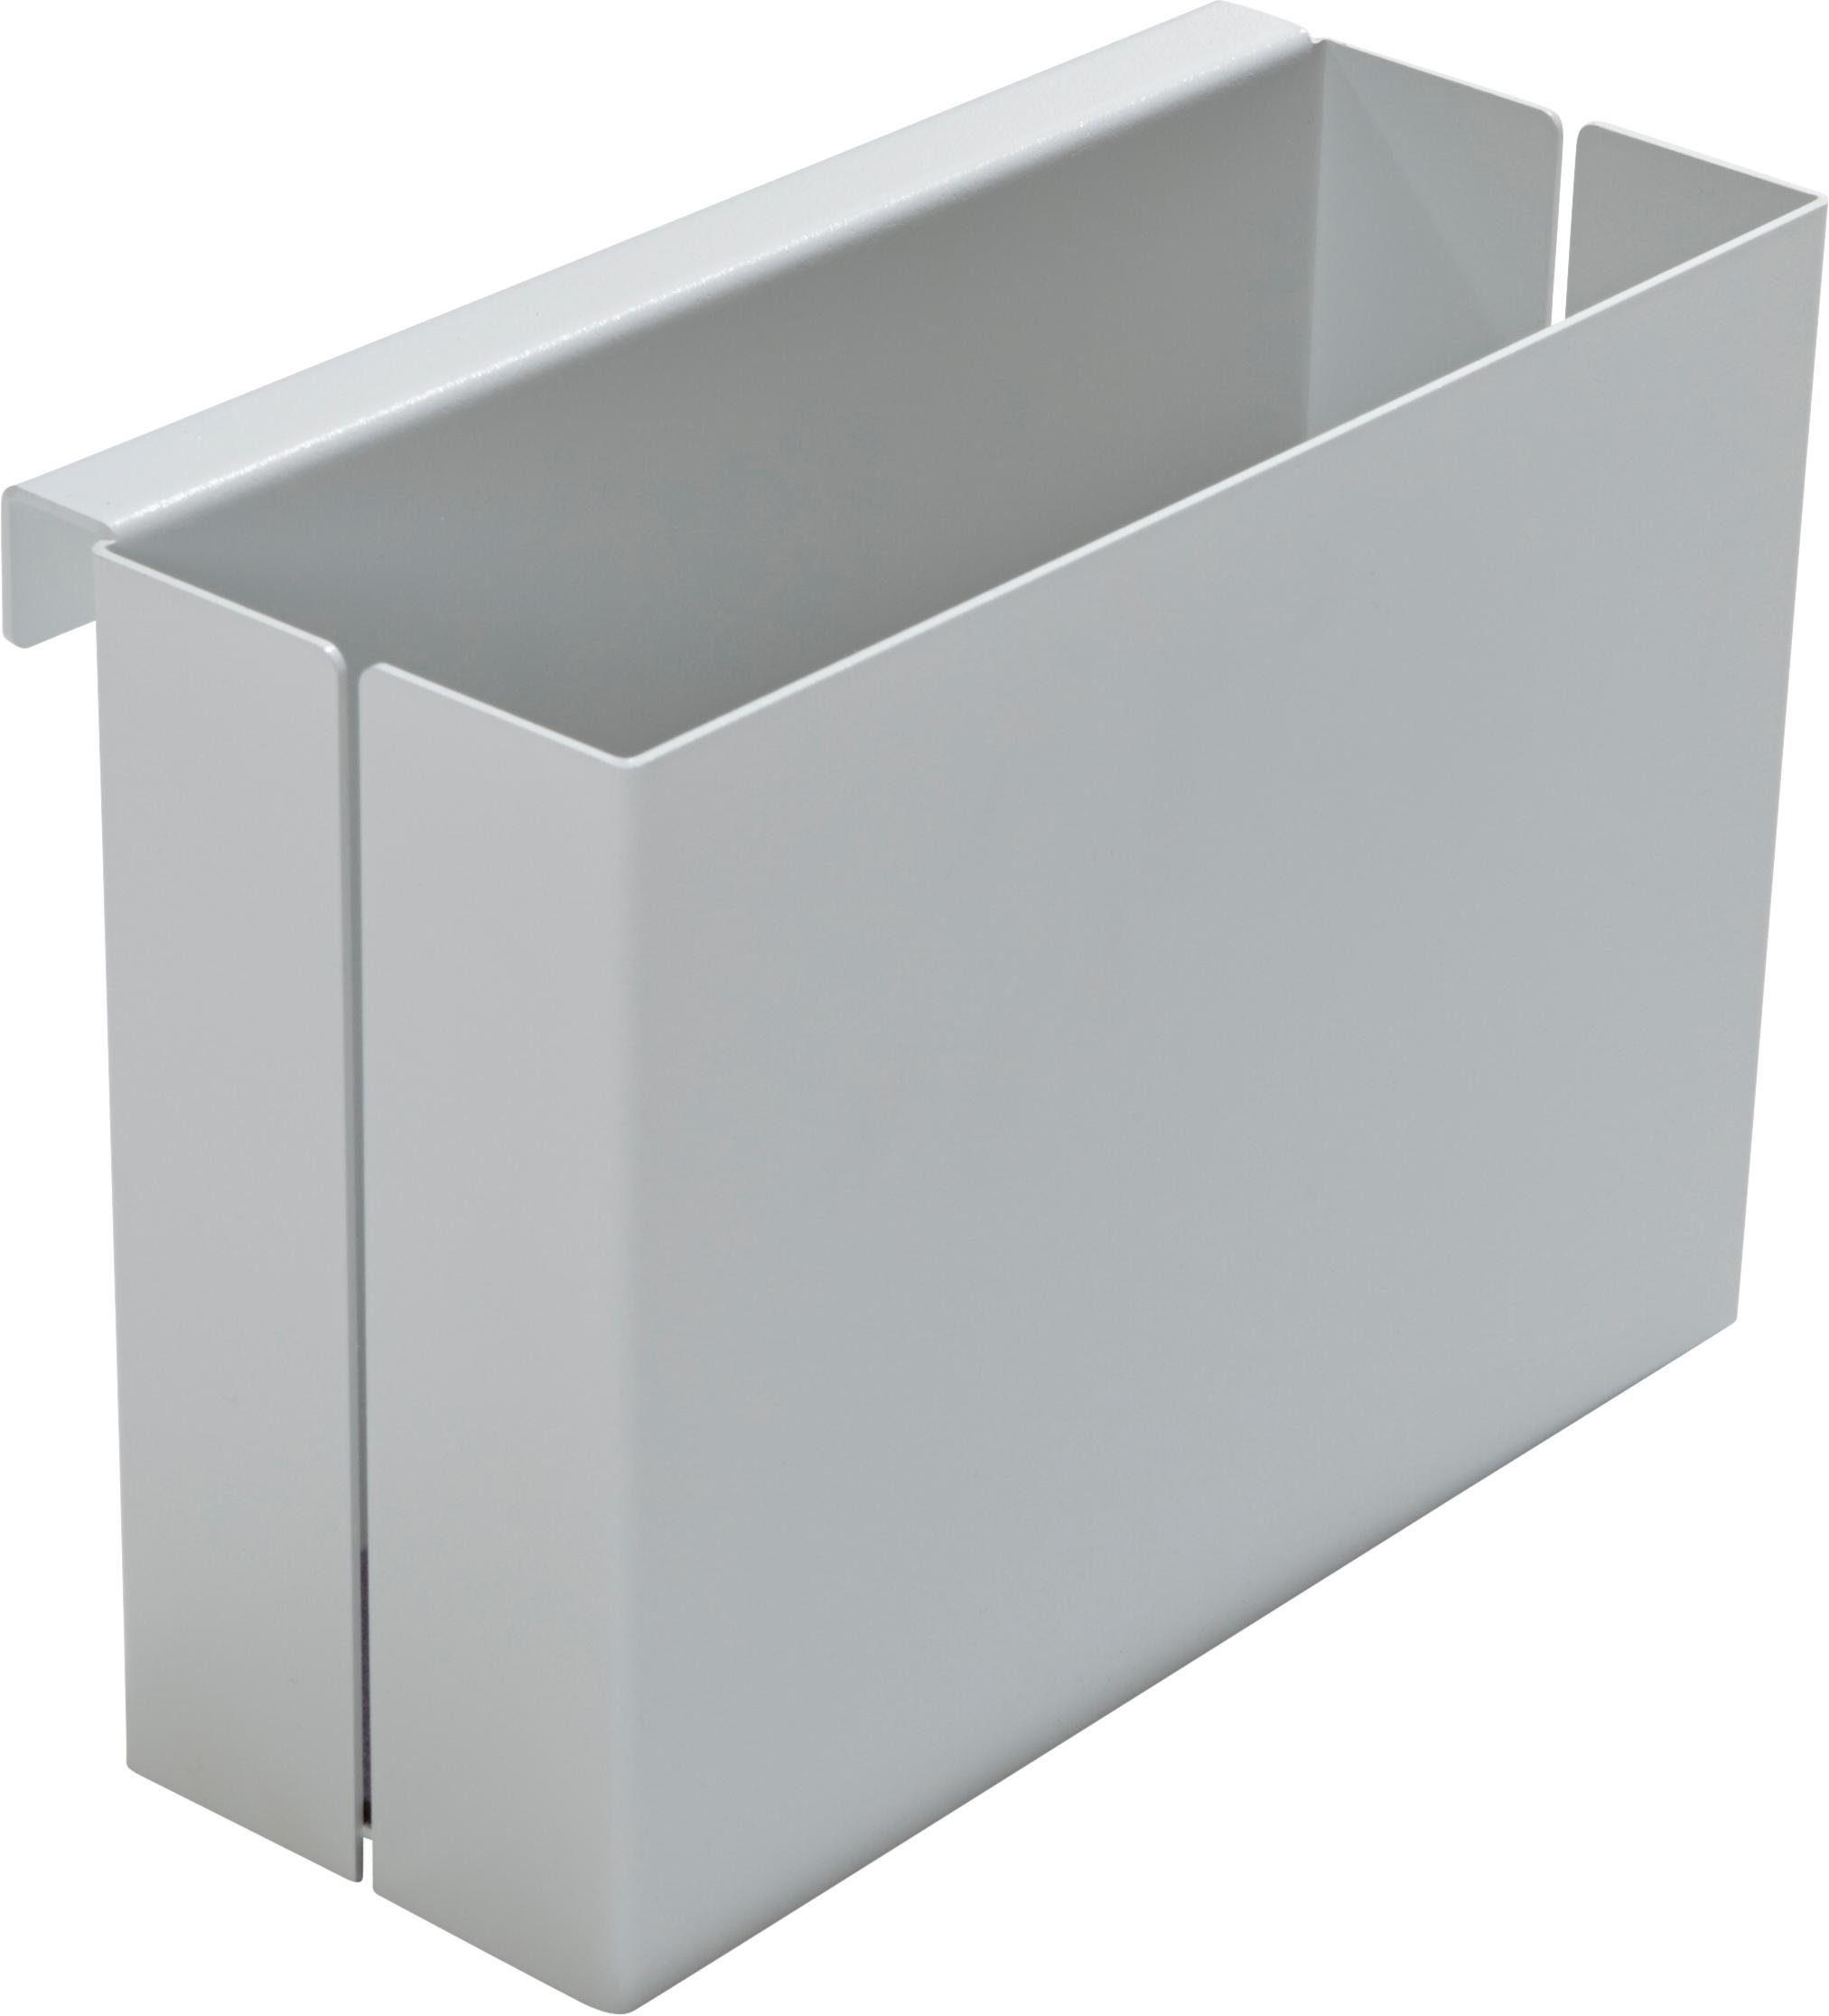 müller möbelwerkstätten® Add-On Element 4, passend für die Betten »FLAI« und »PLANE«